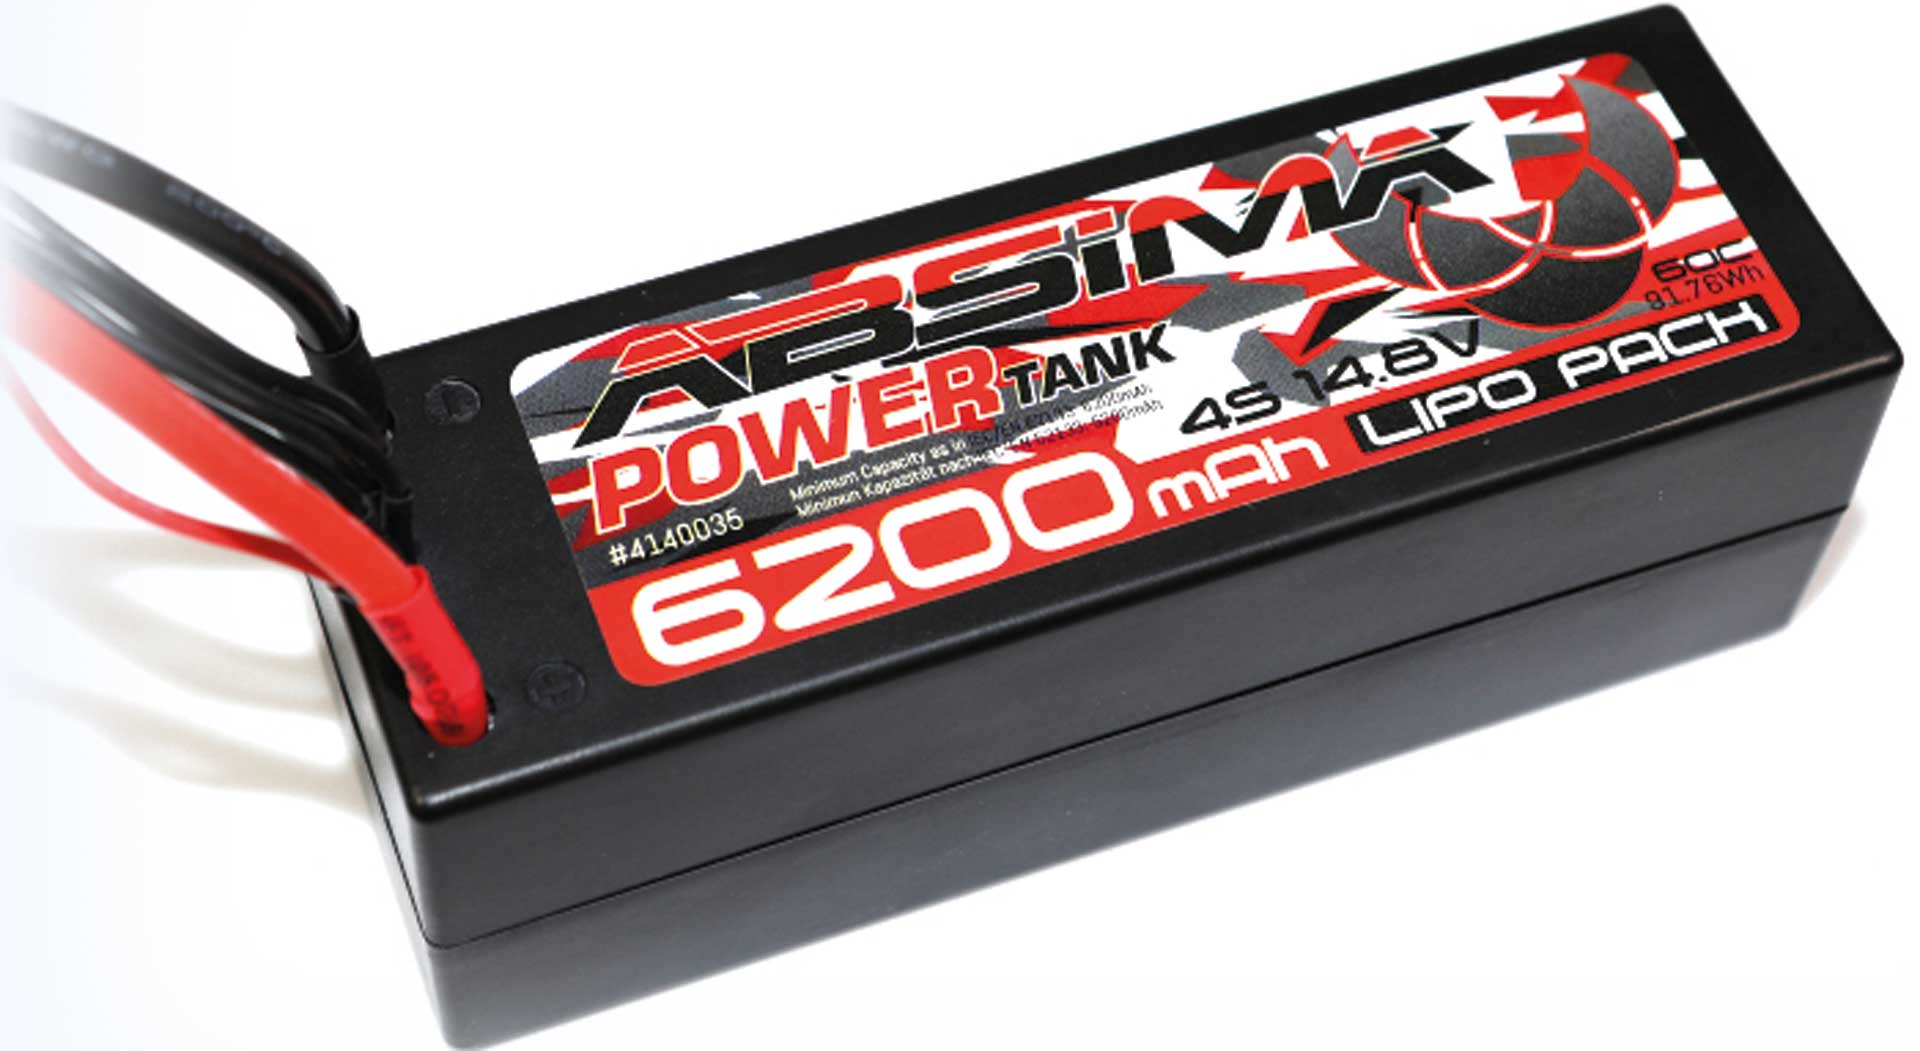 Absima Power Tank LiPo Stick Pack 14,8V 60C 6200mah Hardcase (T Plug)